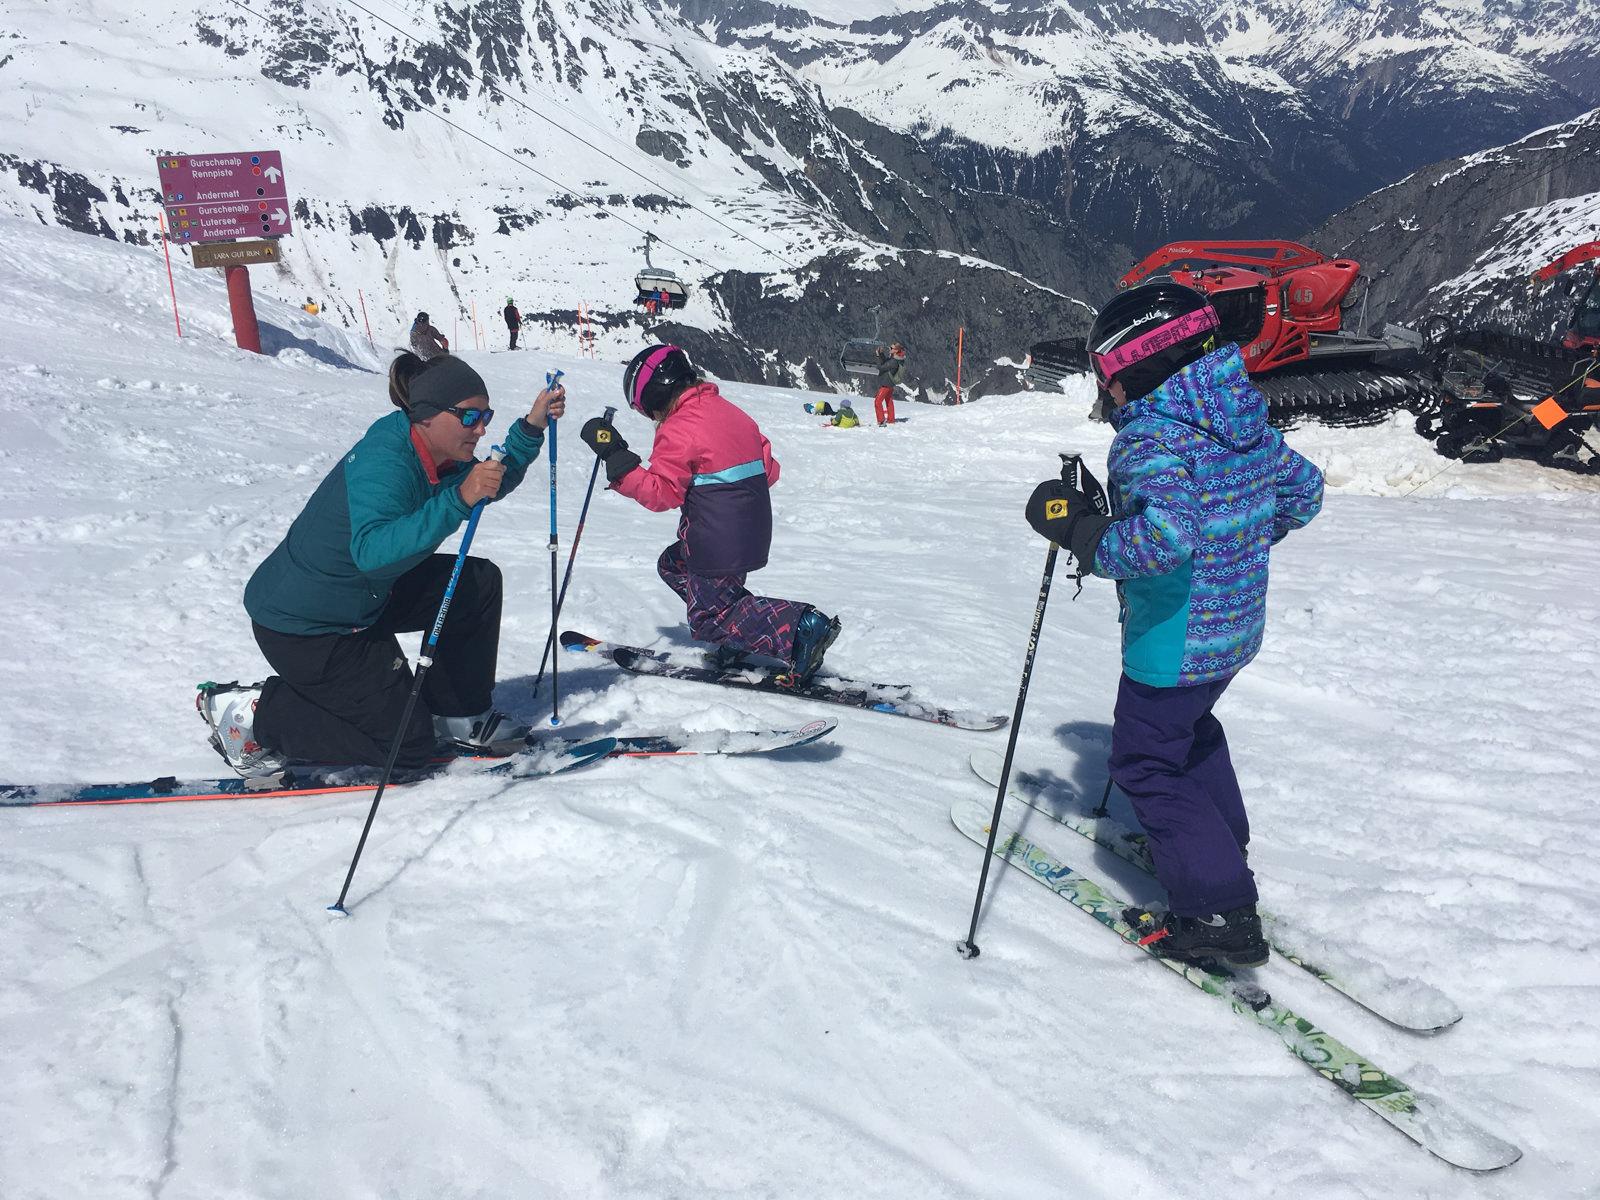 Telemark-Skiunterricht für Kinder; Ski Academy Andermatt; erfahrene, qualifizierte SkilehrerInnen; Telemark | Kids | Ski School | Private Lesson | Freeheeling